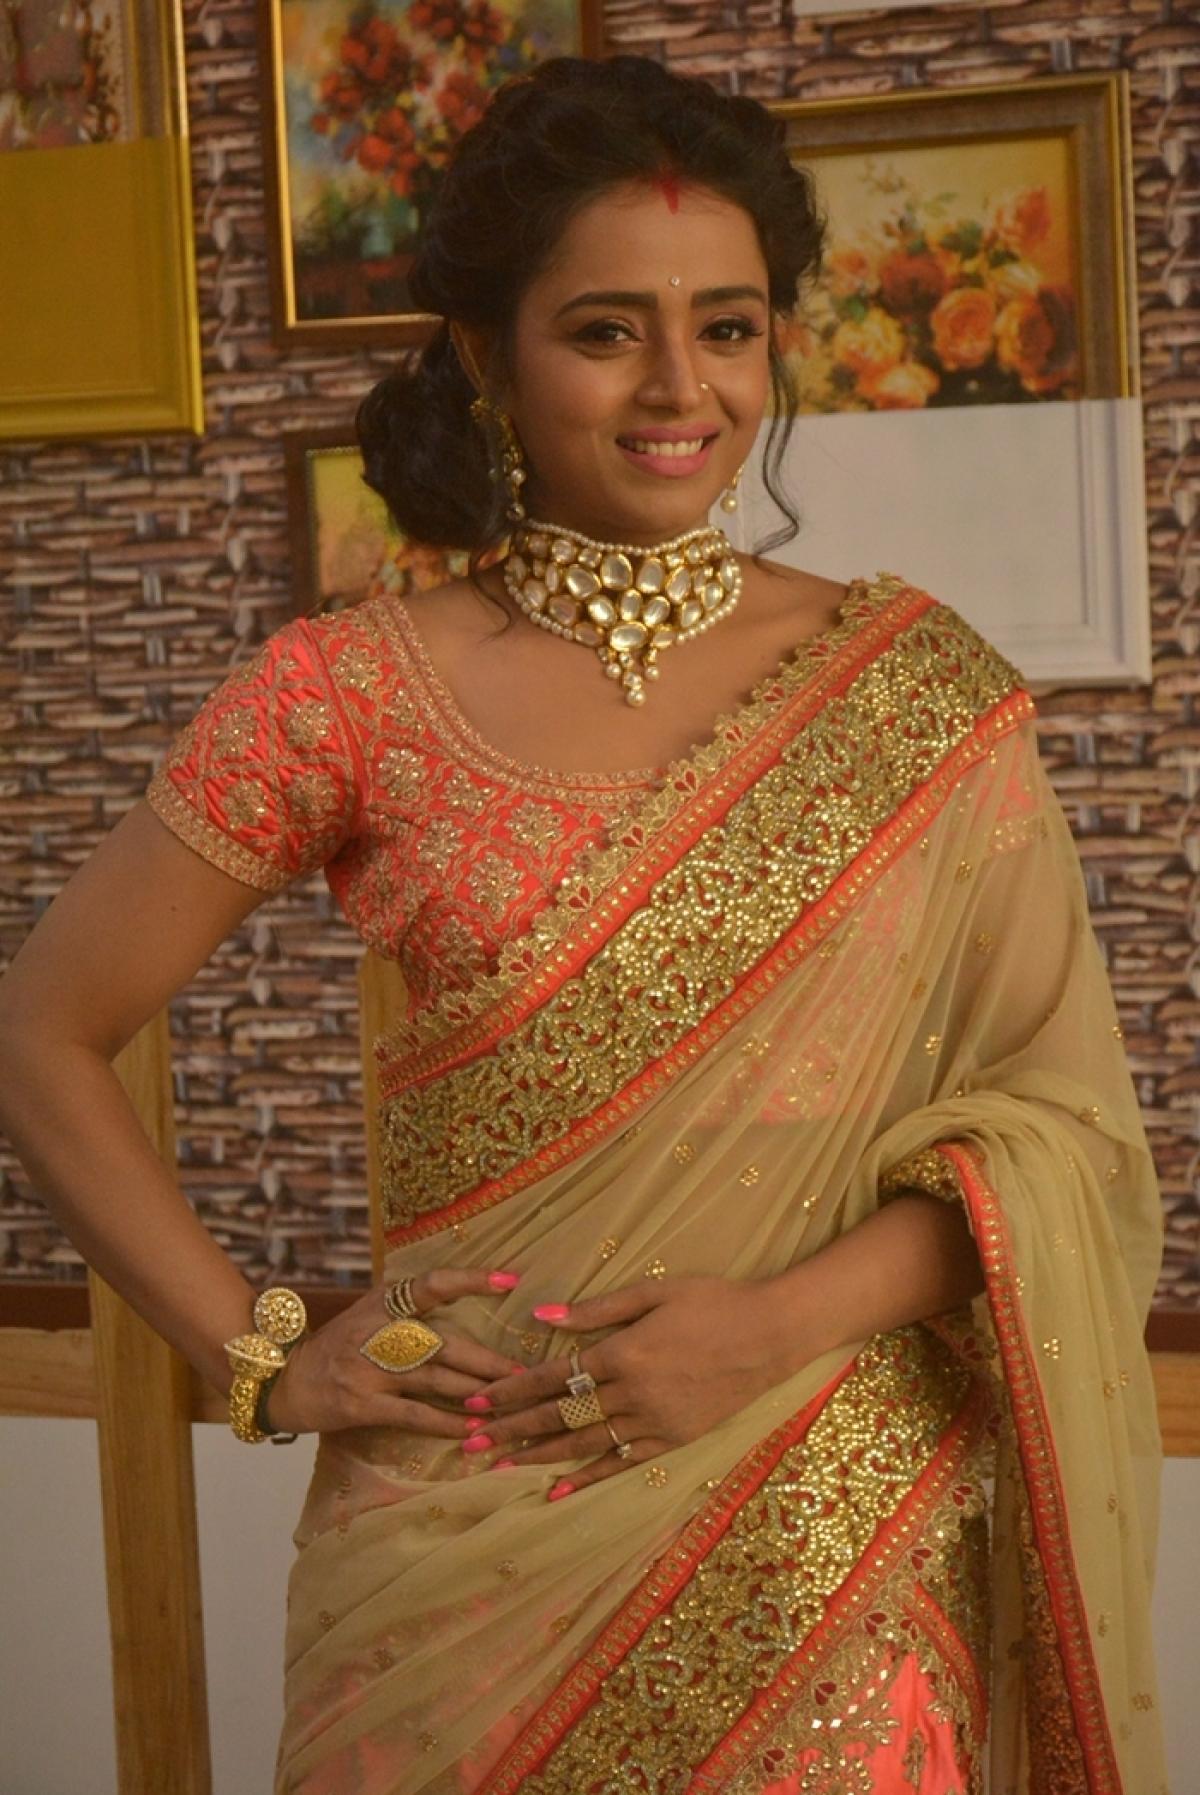 Yeh Rishta Kya Kehlata Hai has evolved over the time, says Rajan Shahi